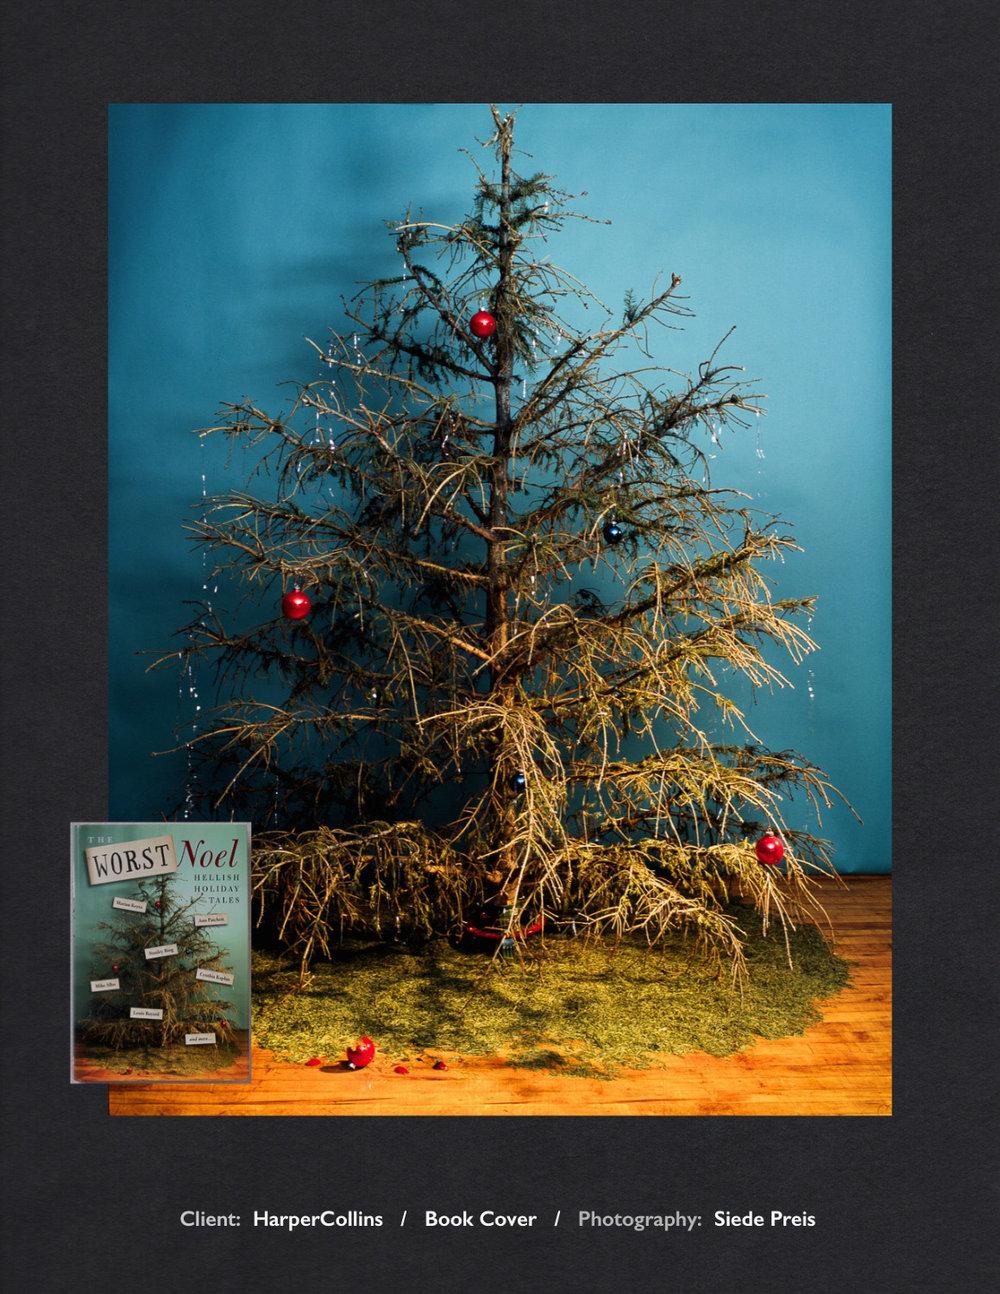 Siede-Preis-Photography©Siede-Preis+Christmas Tree.jpg